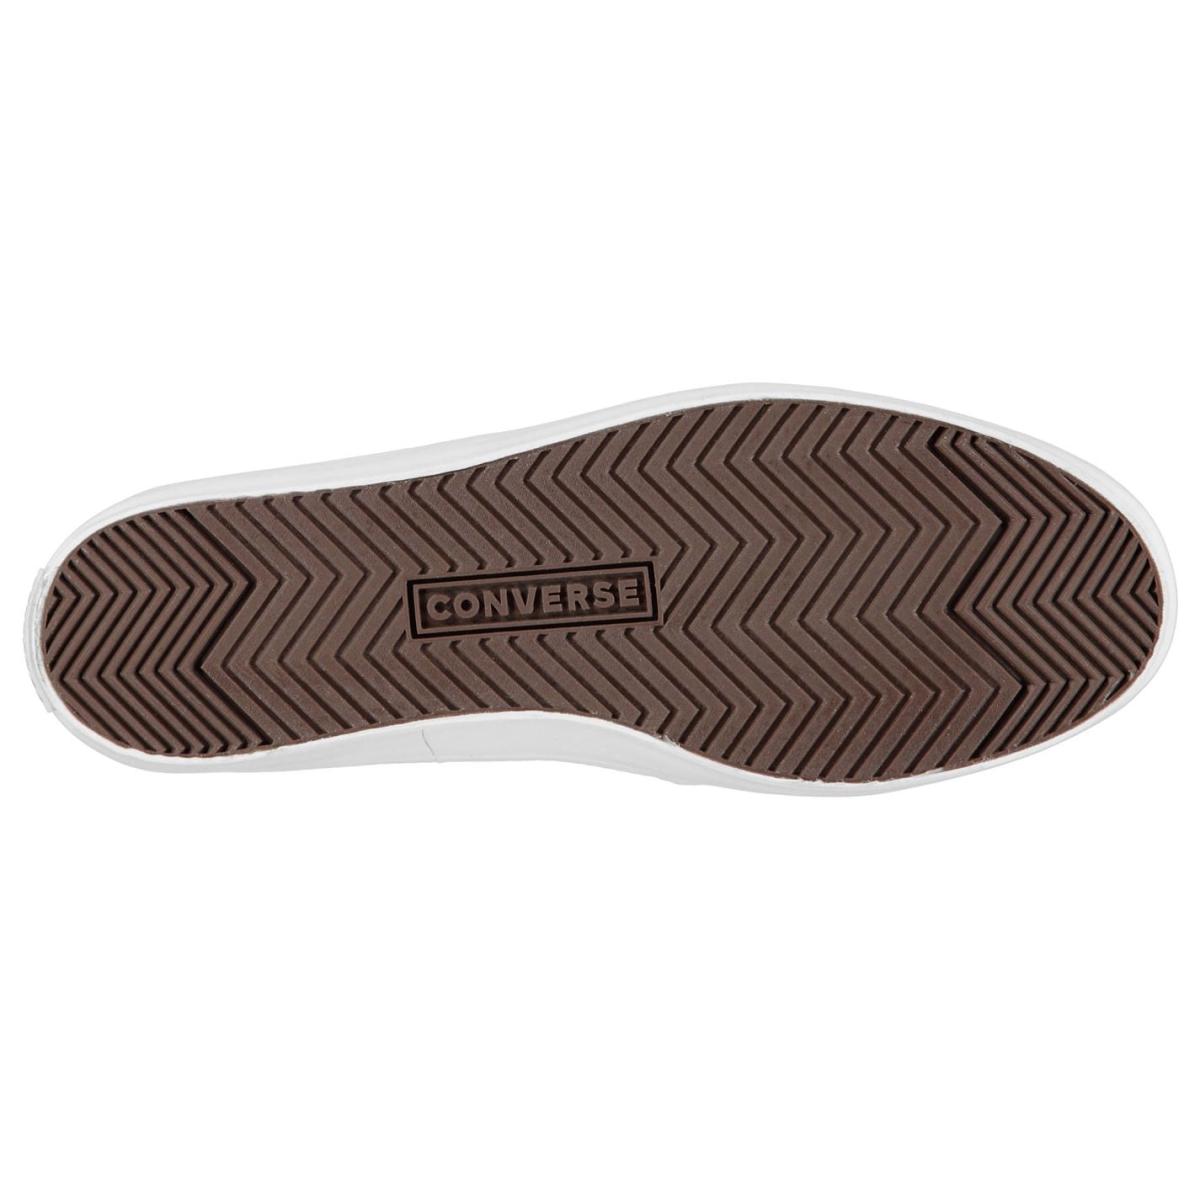 Converse-Ox-Costa-Turnschuhe-Damen-Sneaker-Sportschuhe-Laufschuhe-6172 Indexbild 6